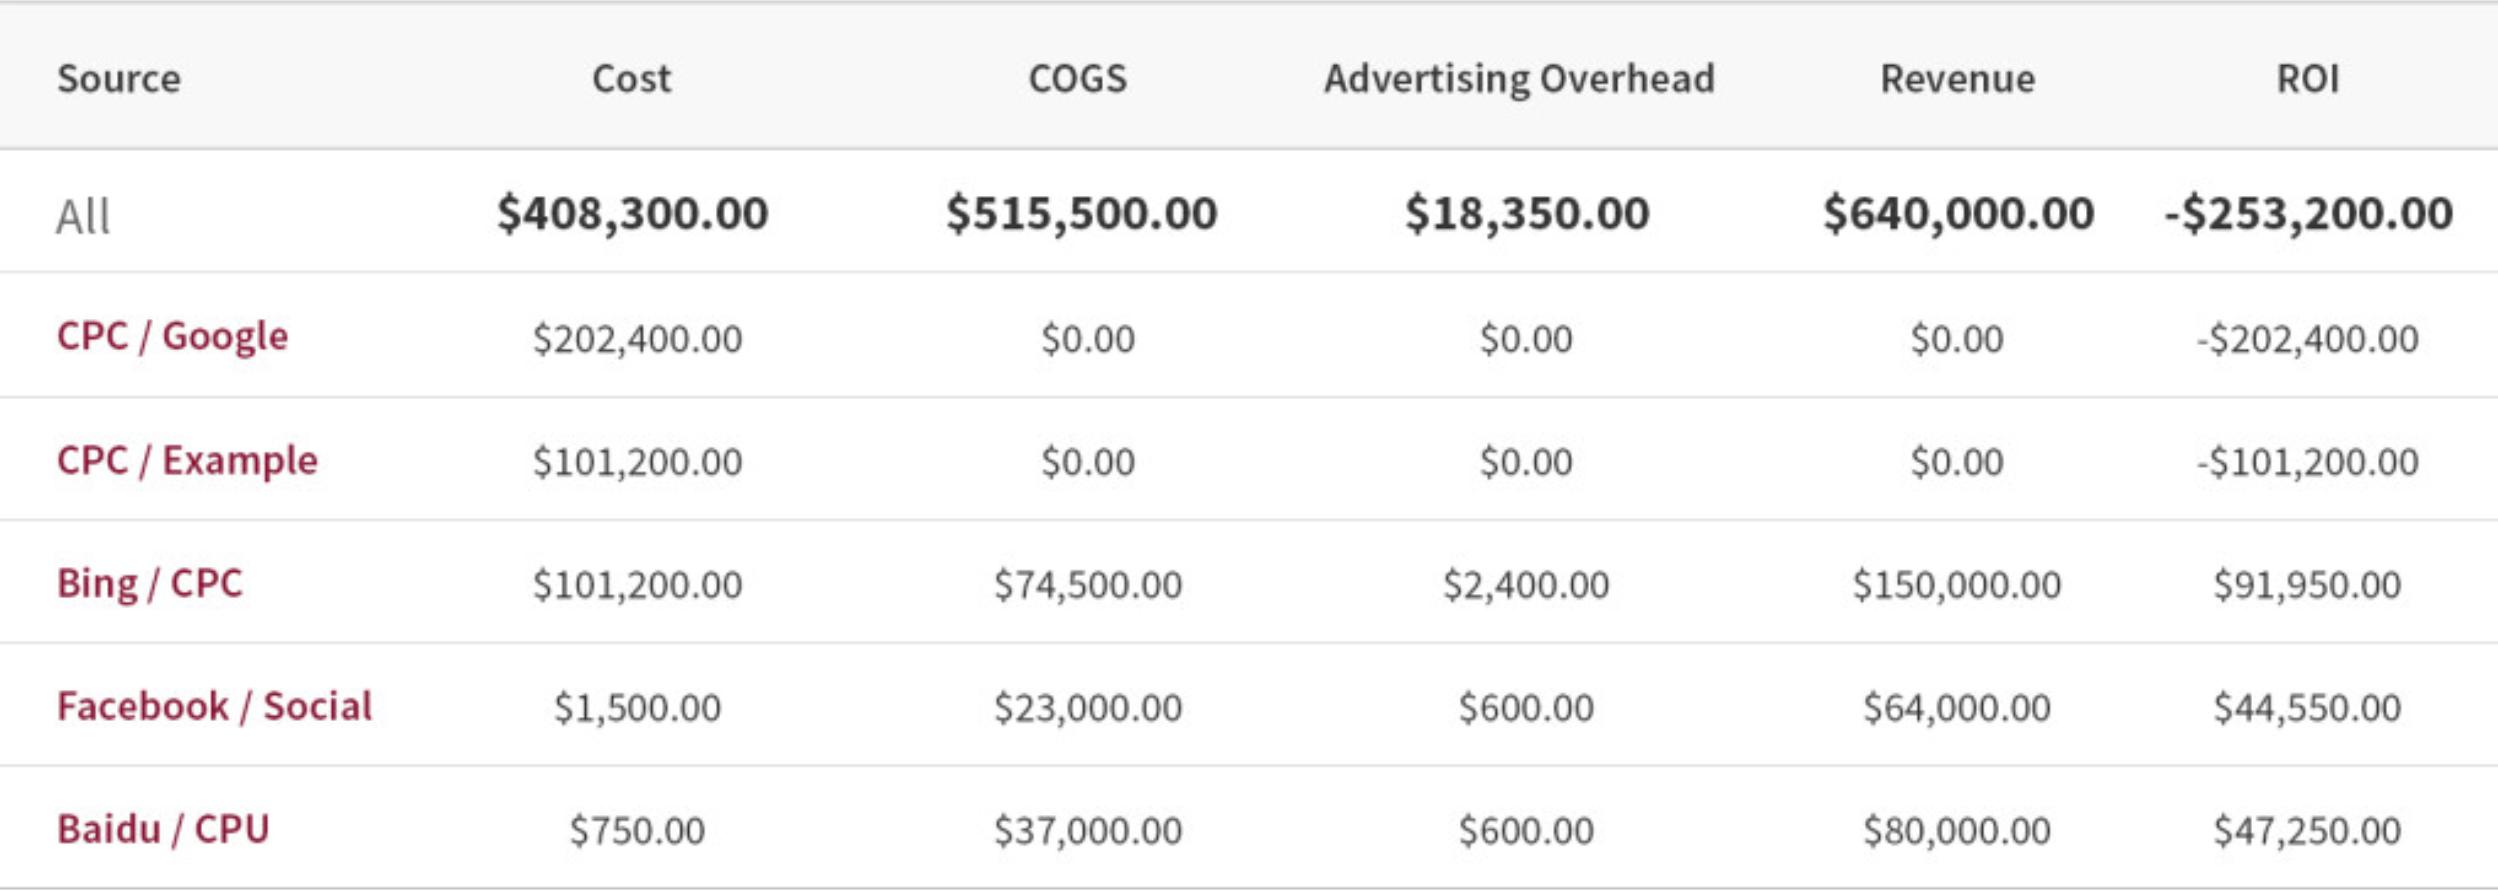 Cost Data Analysis in Google Analytics Example